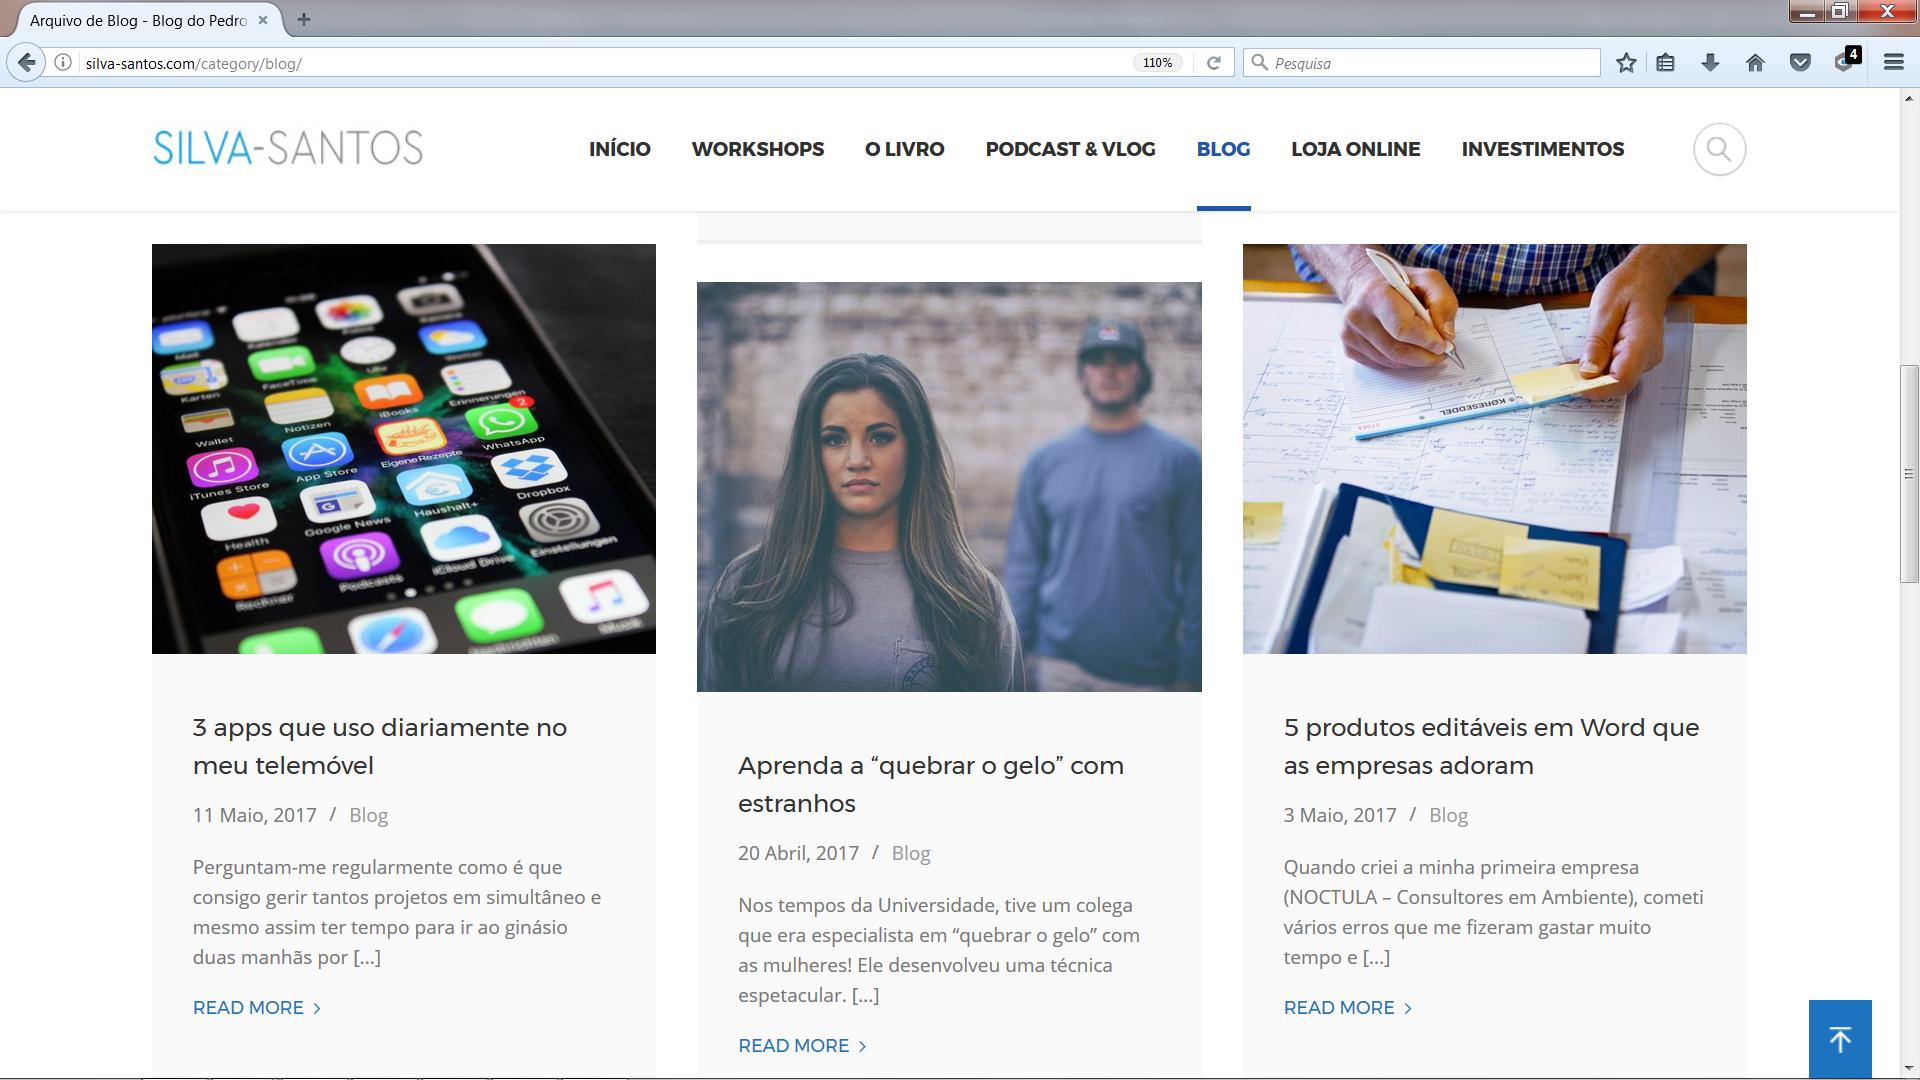 blog site pessoal Pedro Silva-Santos - dia 6